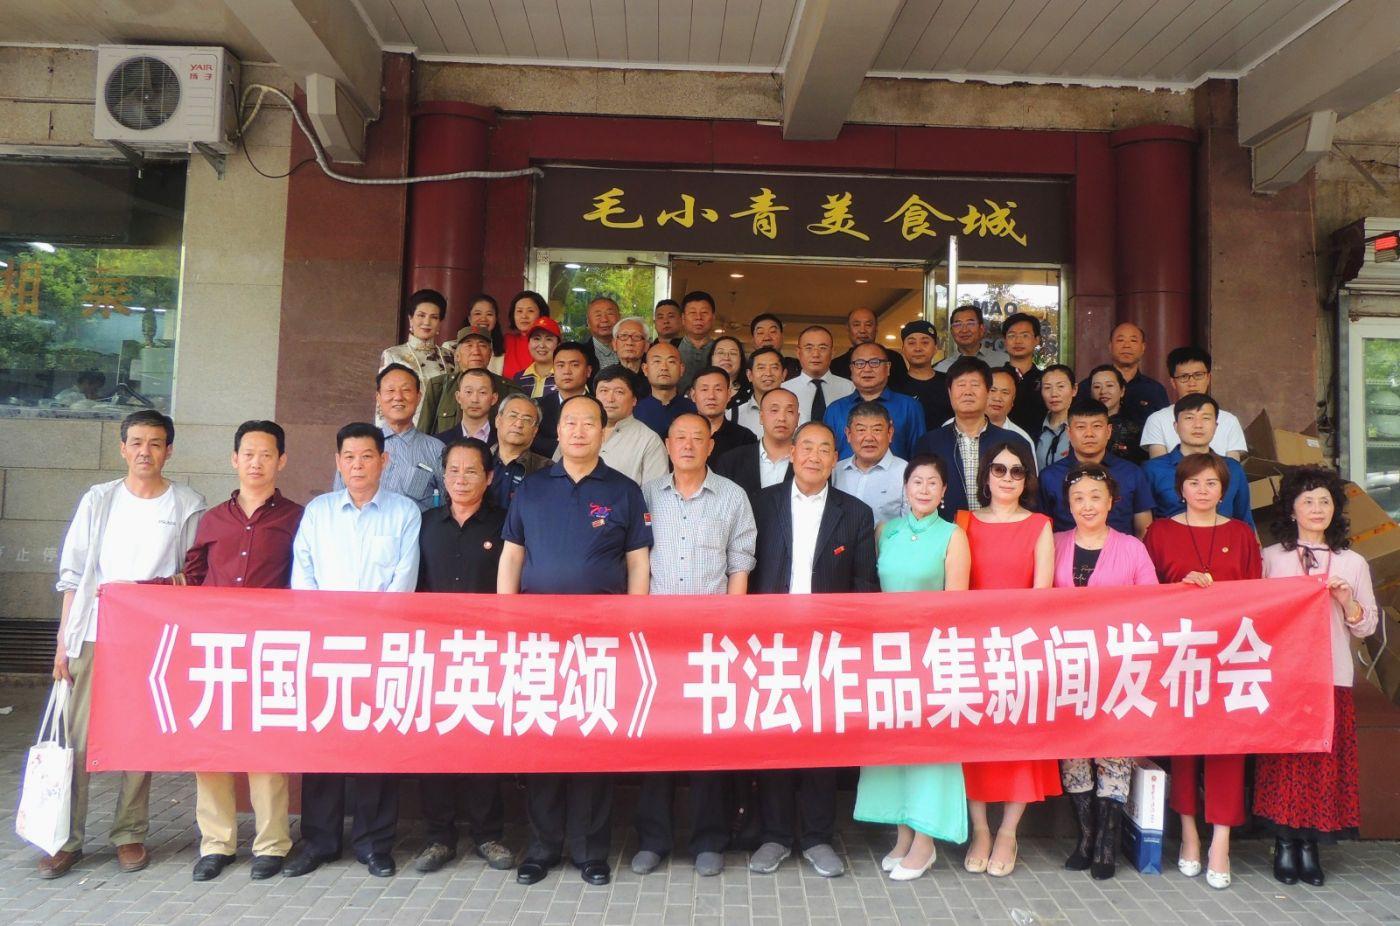 《开国元勋英模颂》书法作品集新闻发布会在京举行_图1-8